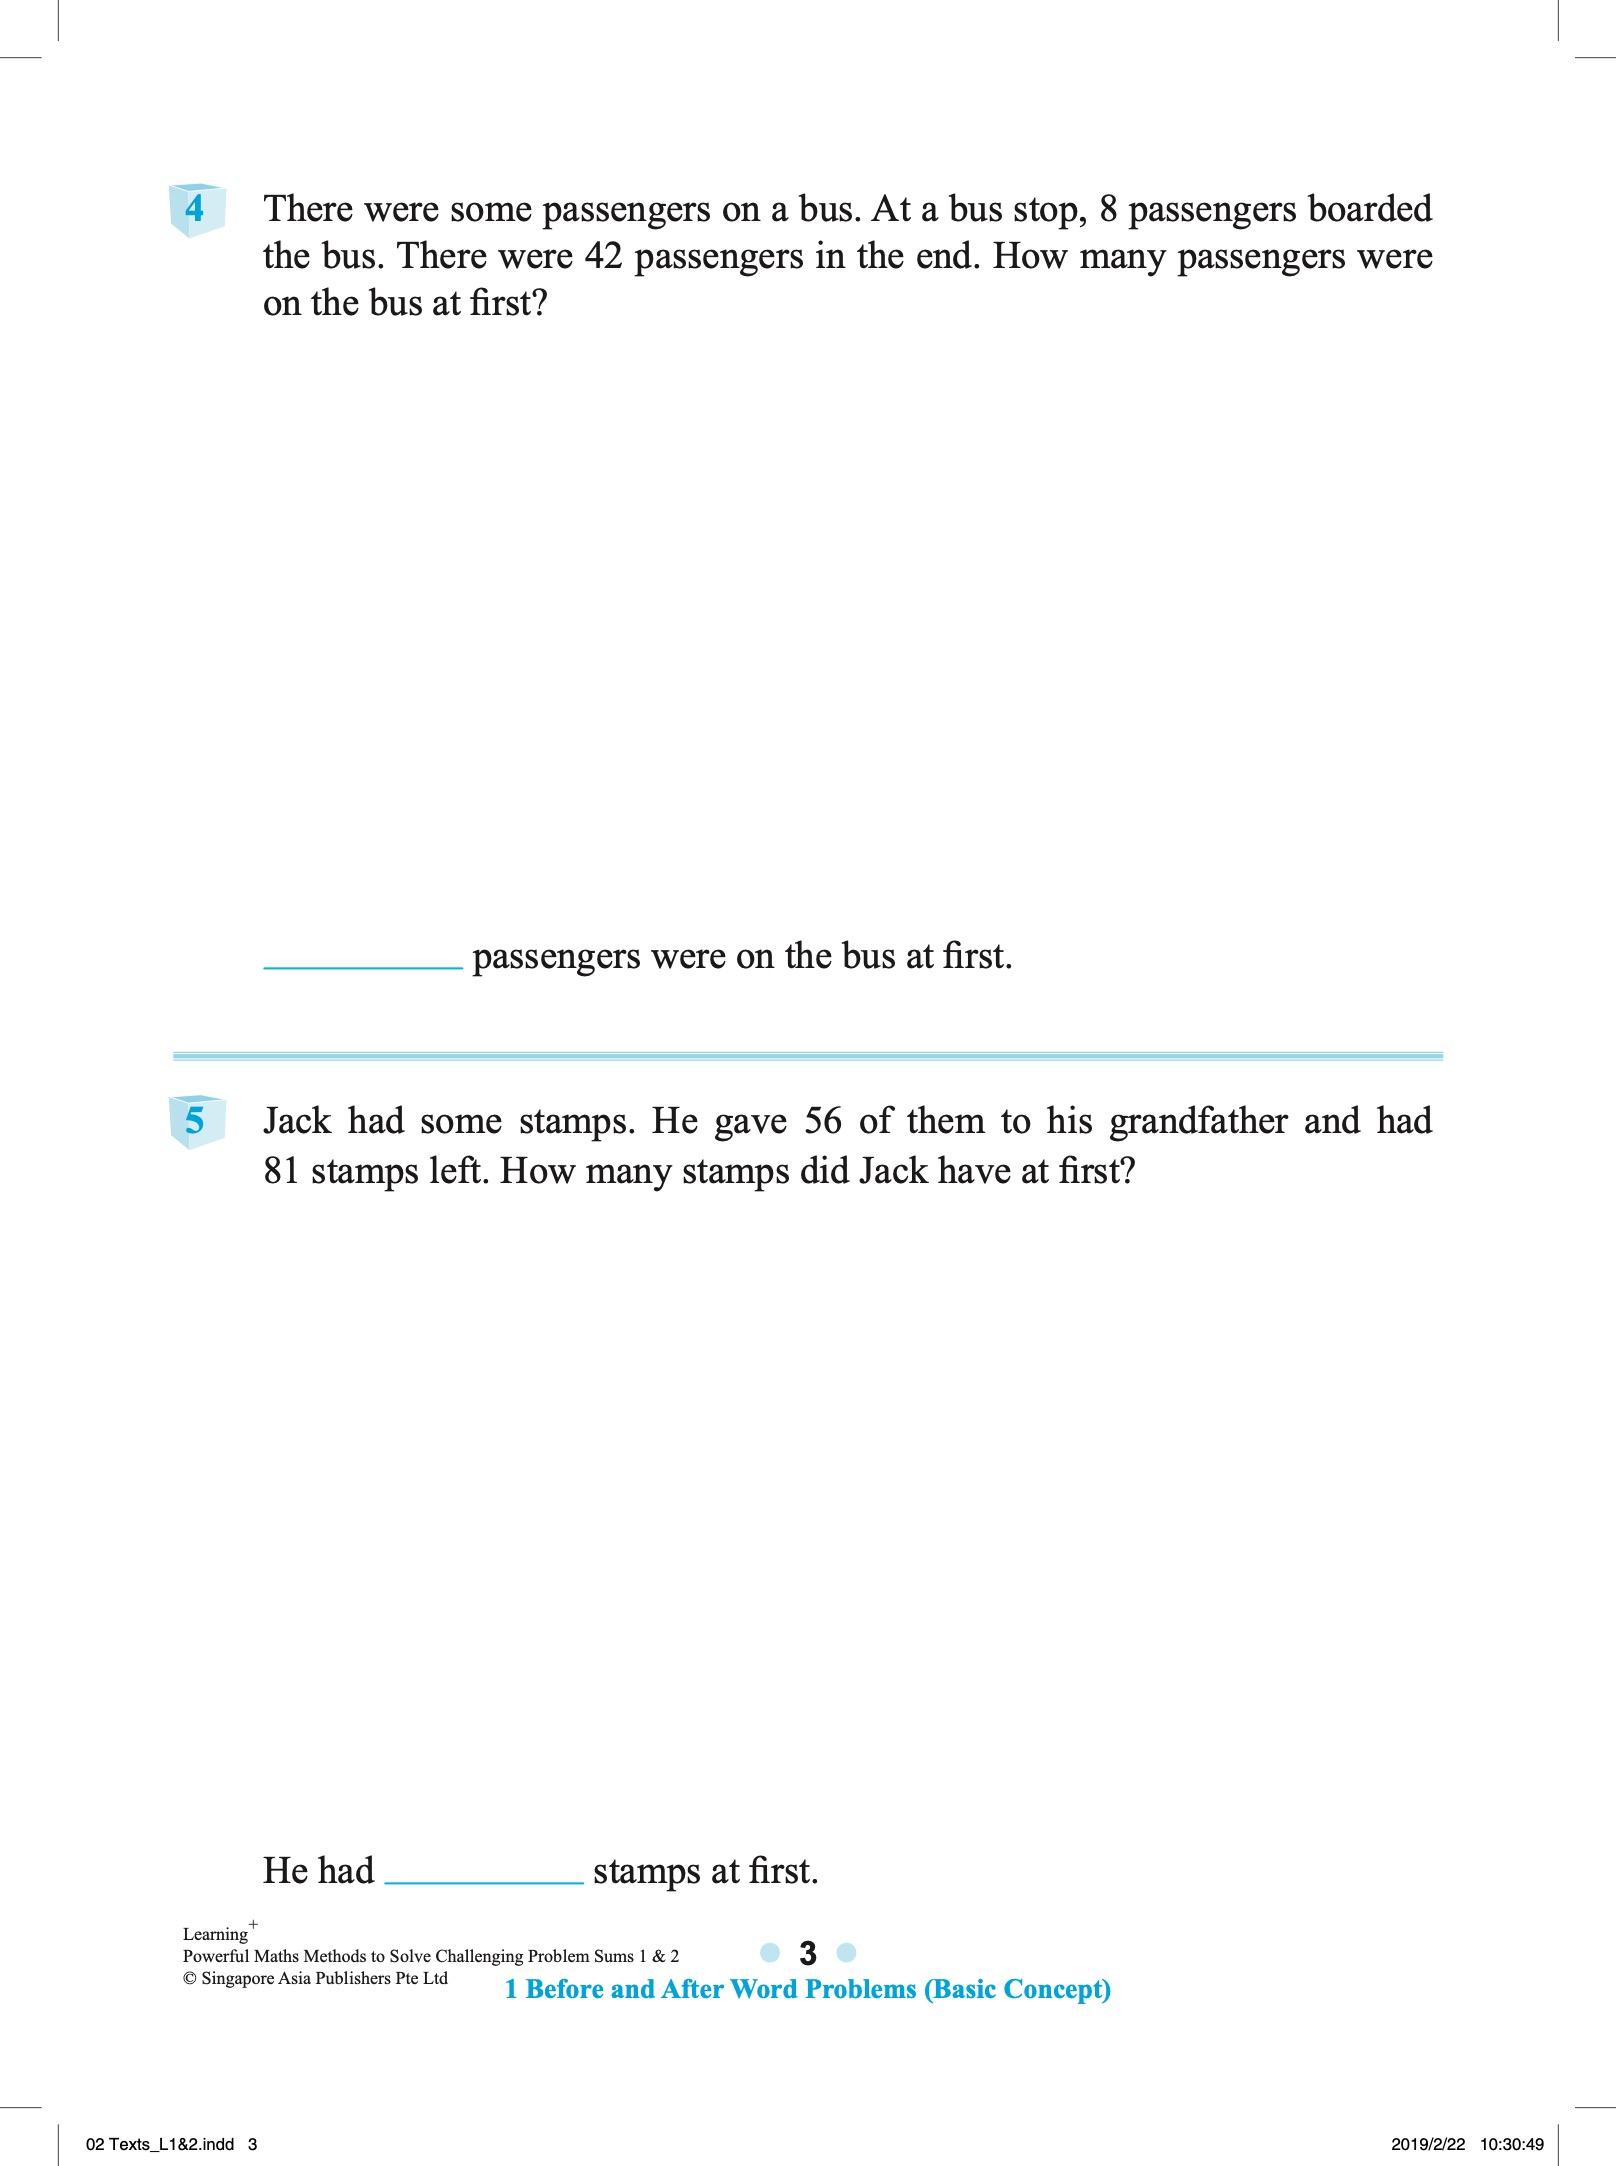 3217690_Preface-1 7